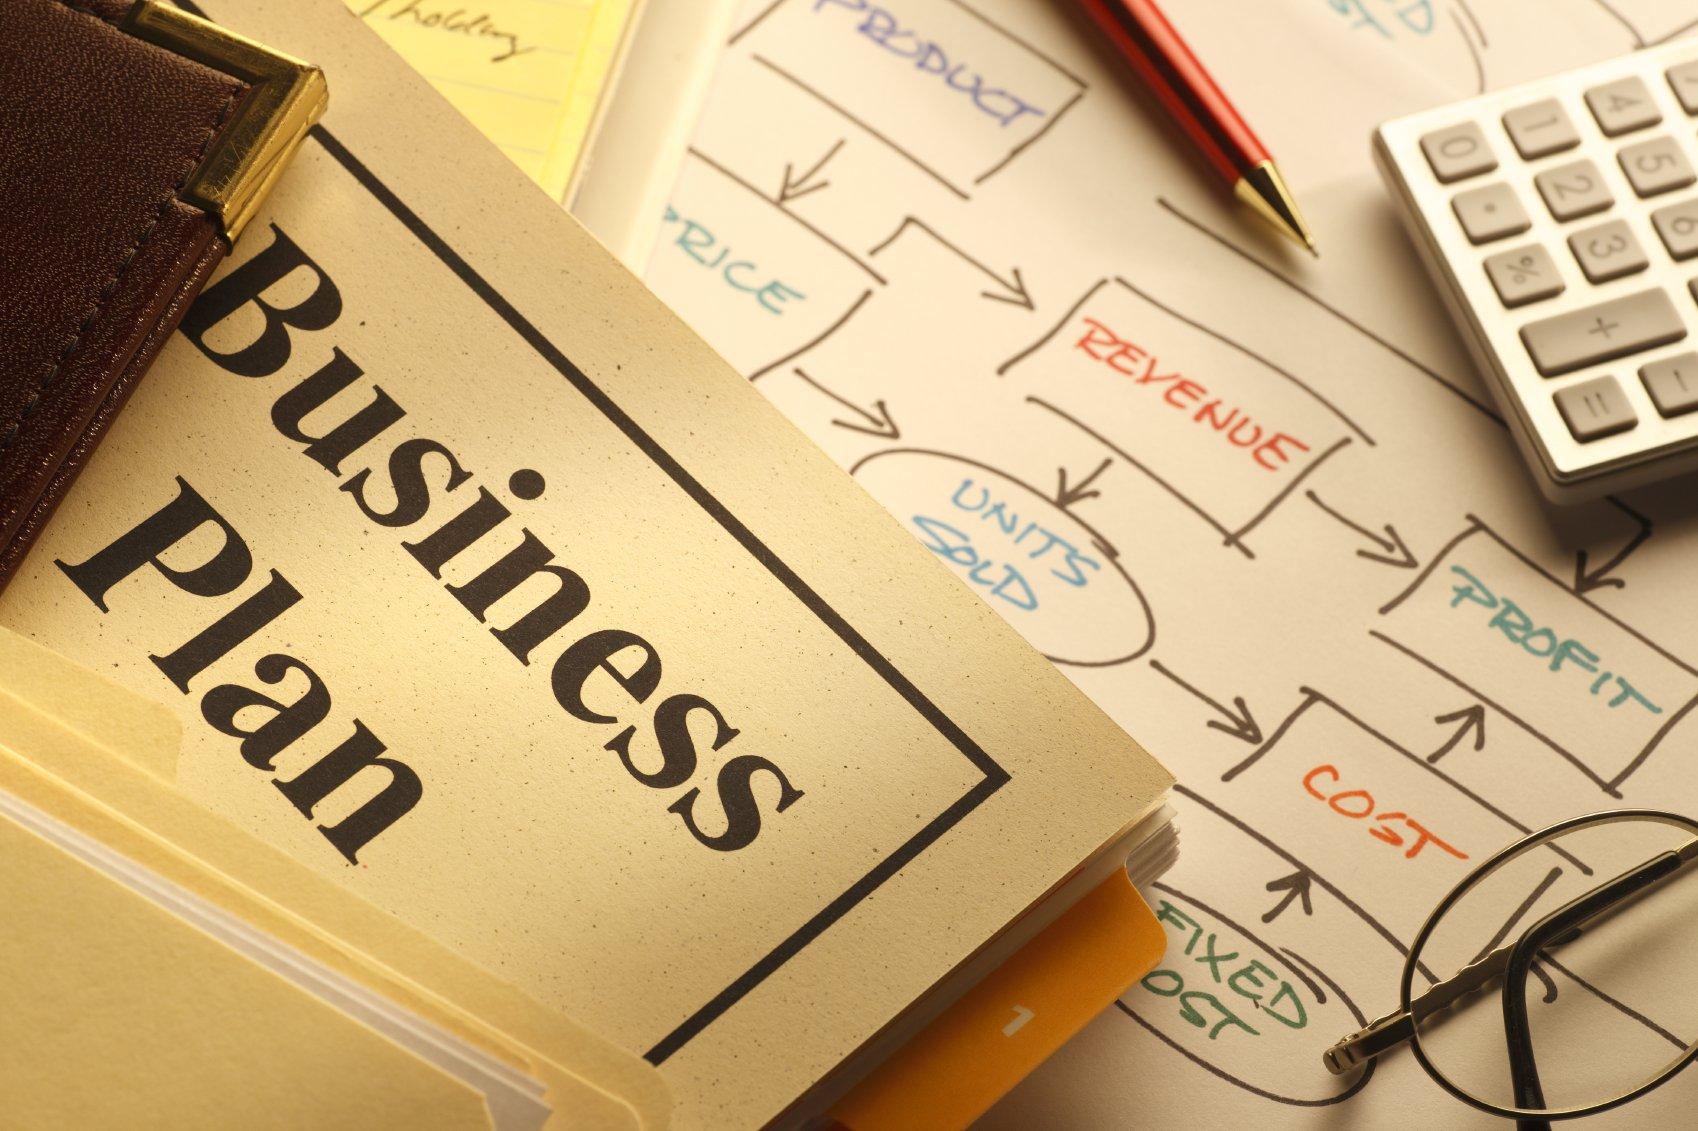 Грузоперевозки — бизнес план, советы по составлению